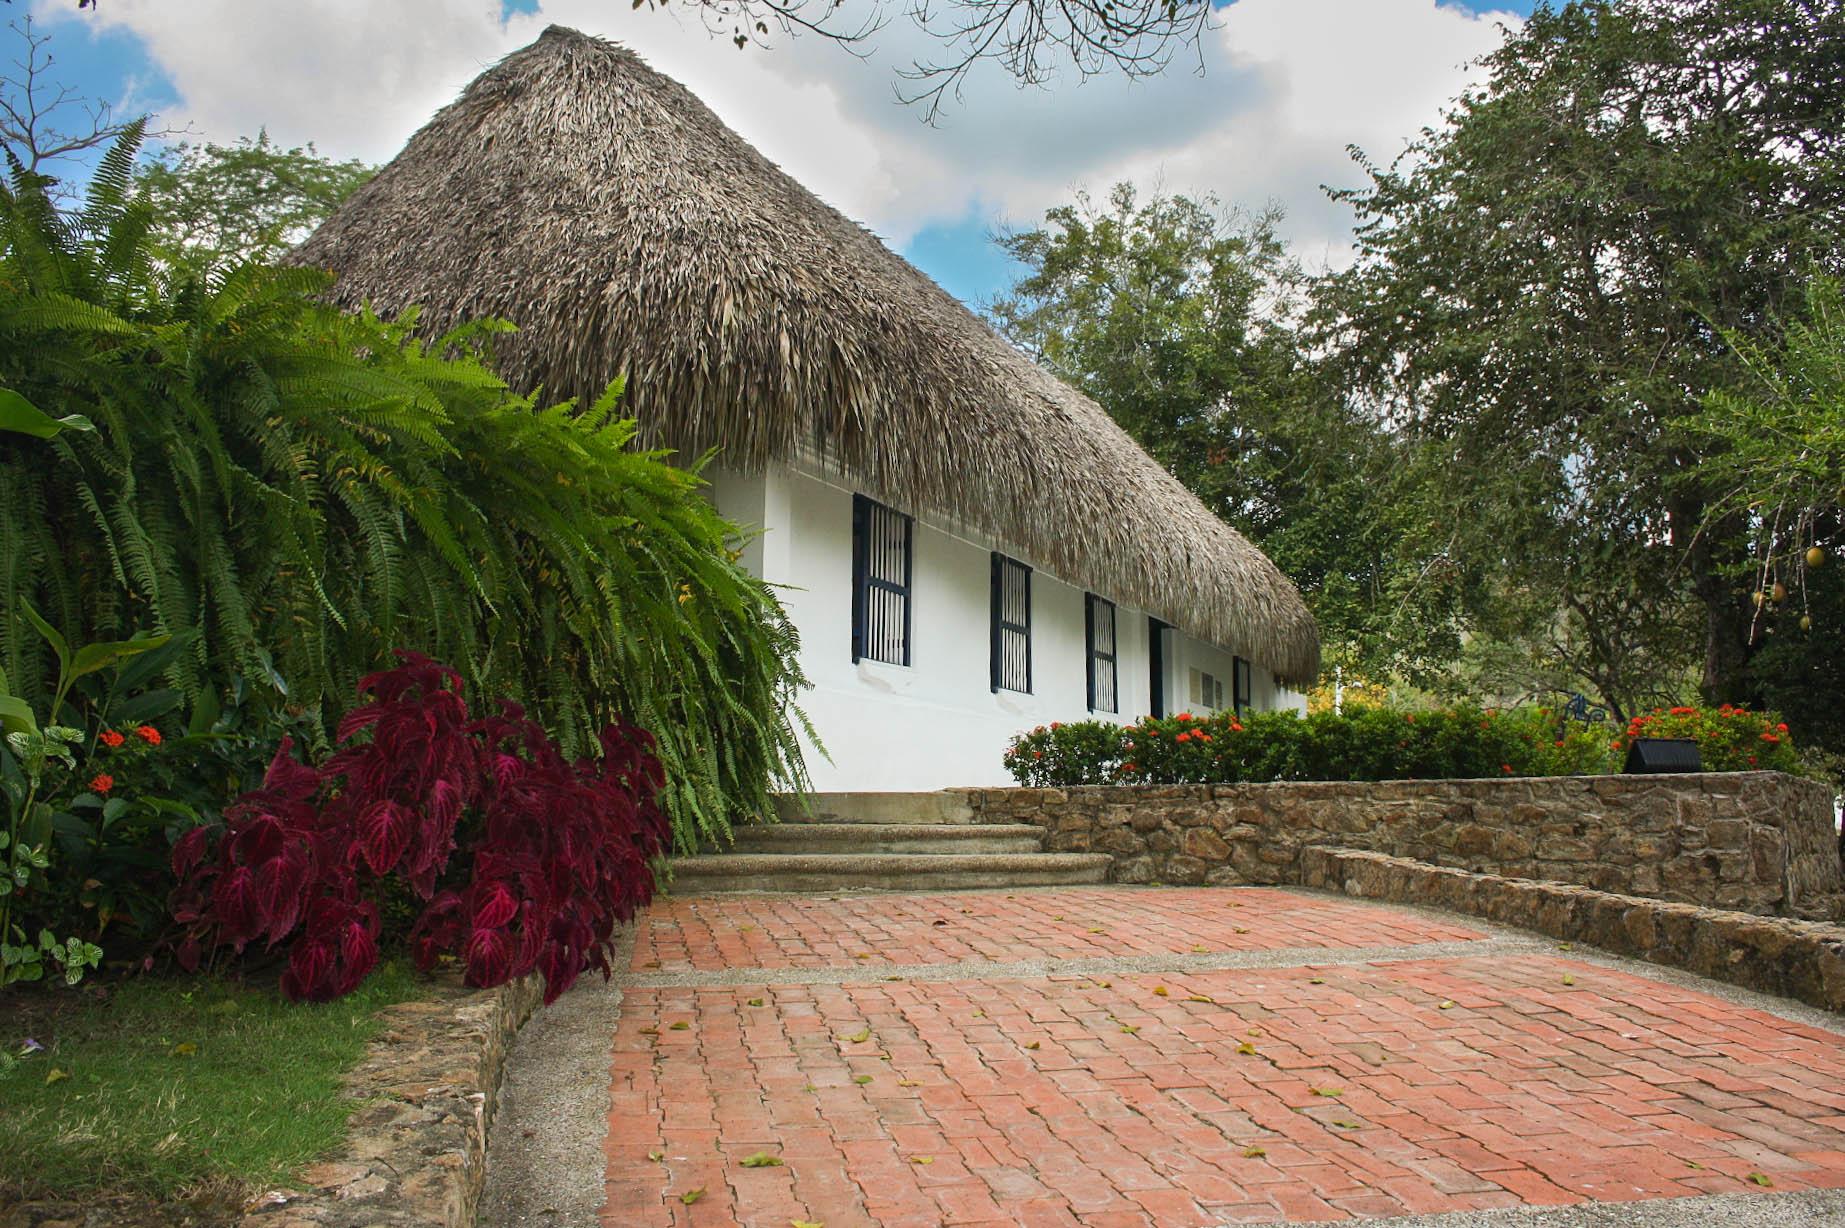 La ventaja de vivir en un pueblo peque o colombia taringa - Casas baratas en pueblos ...